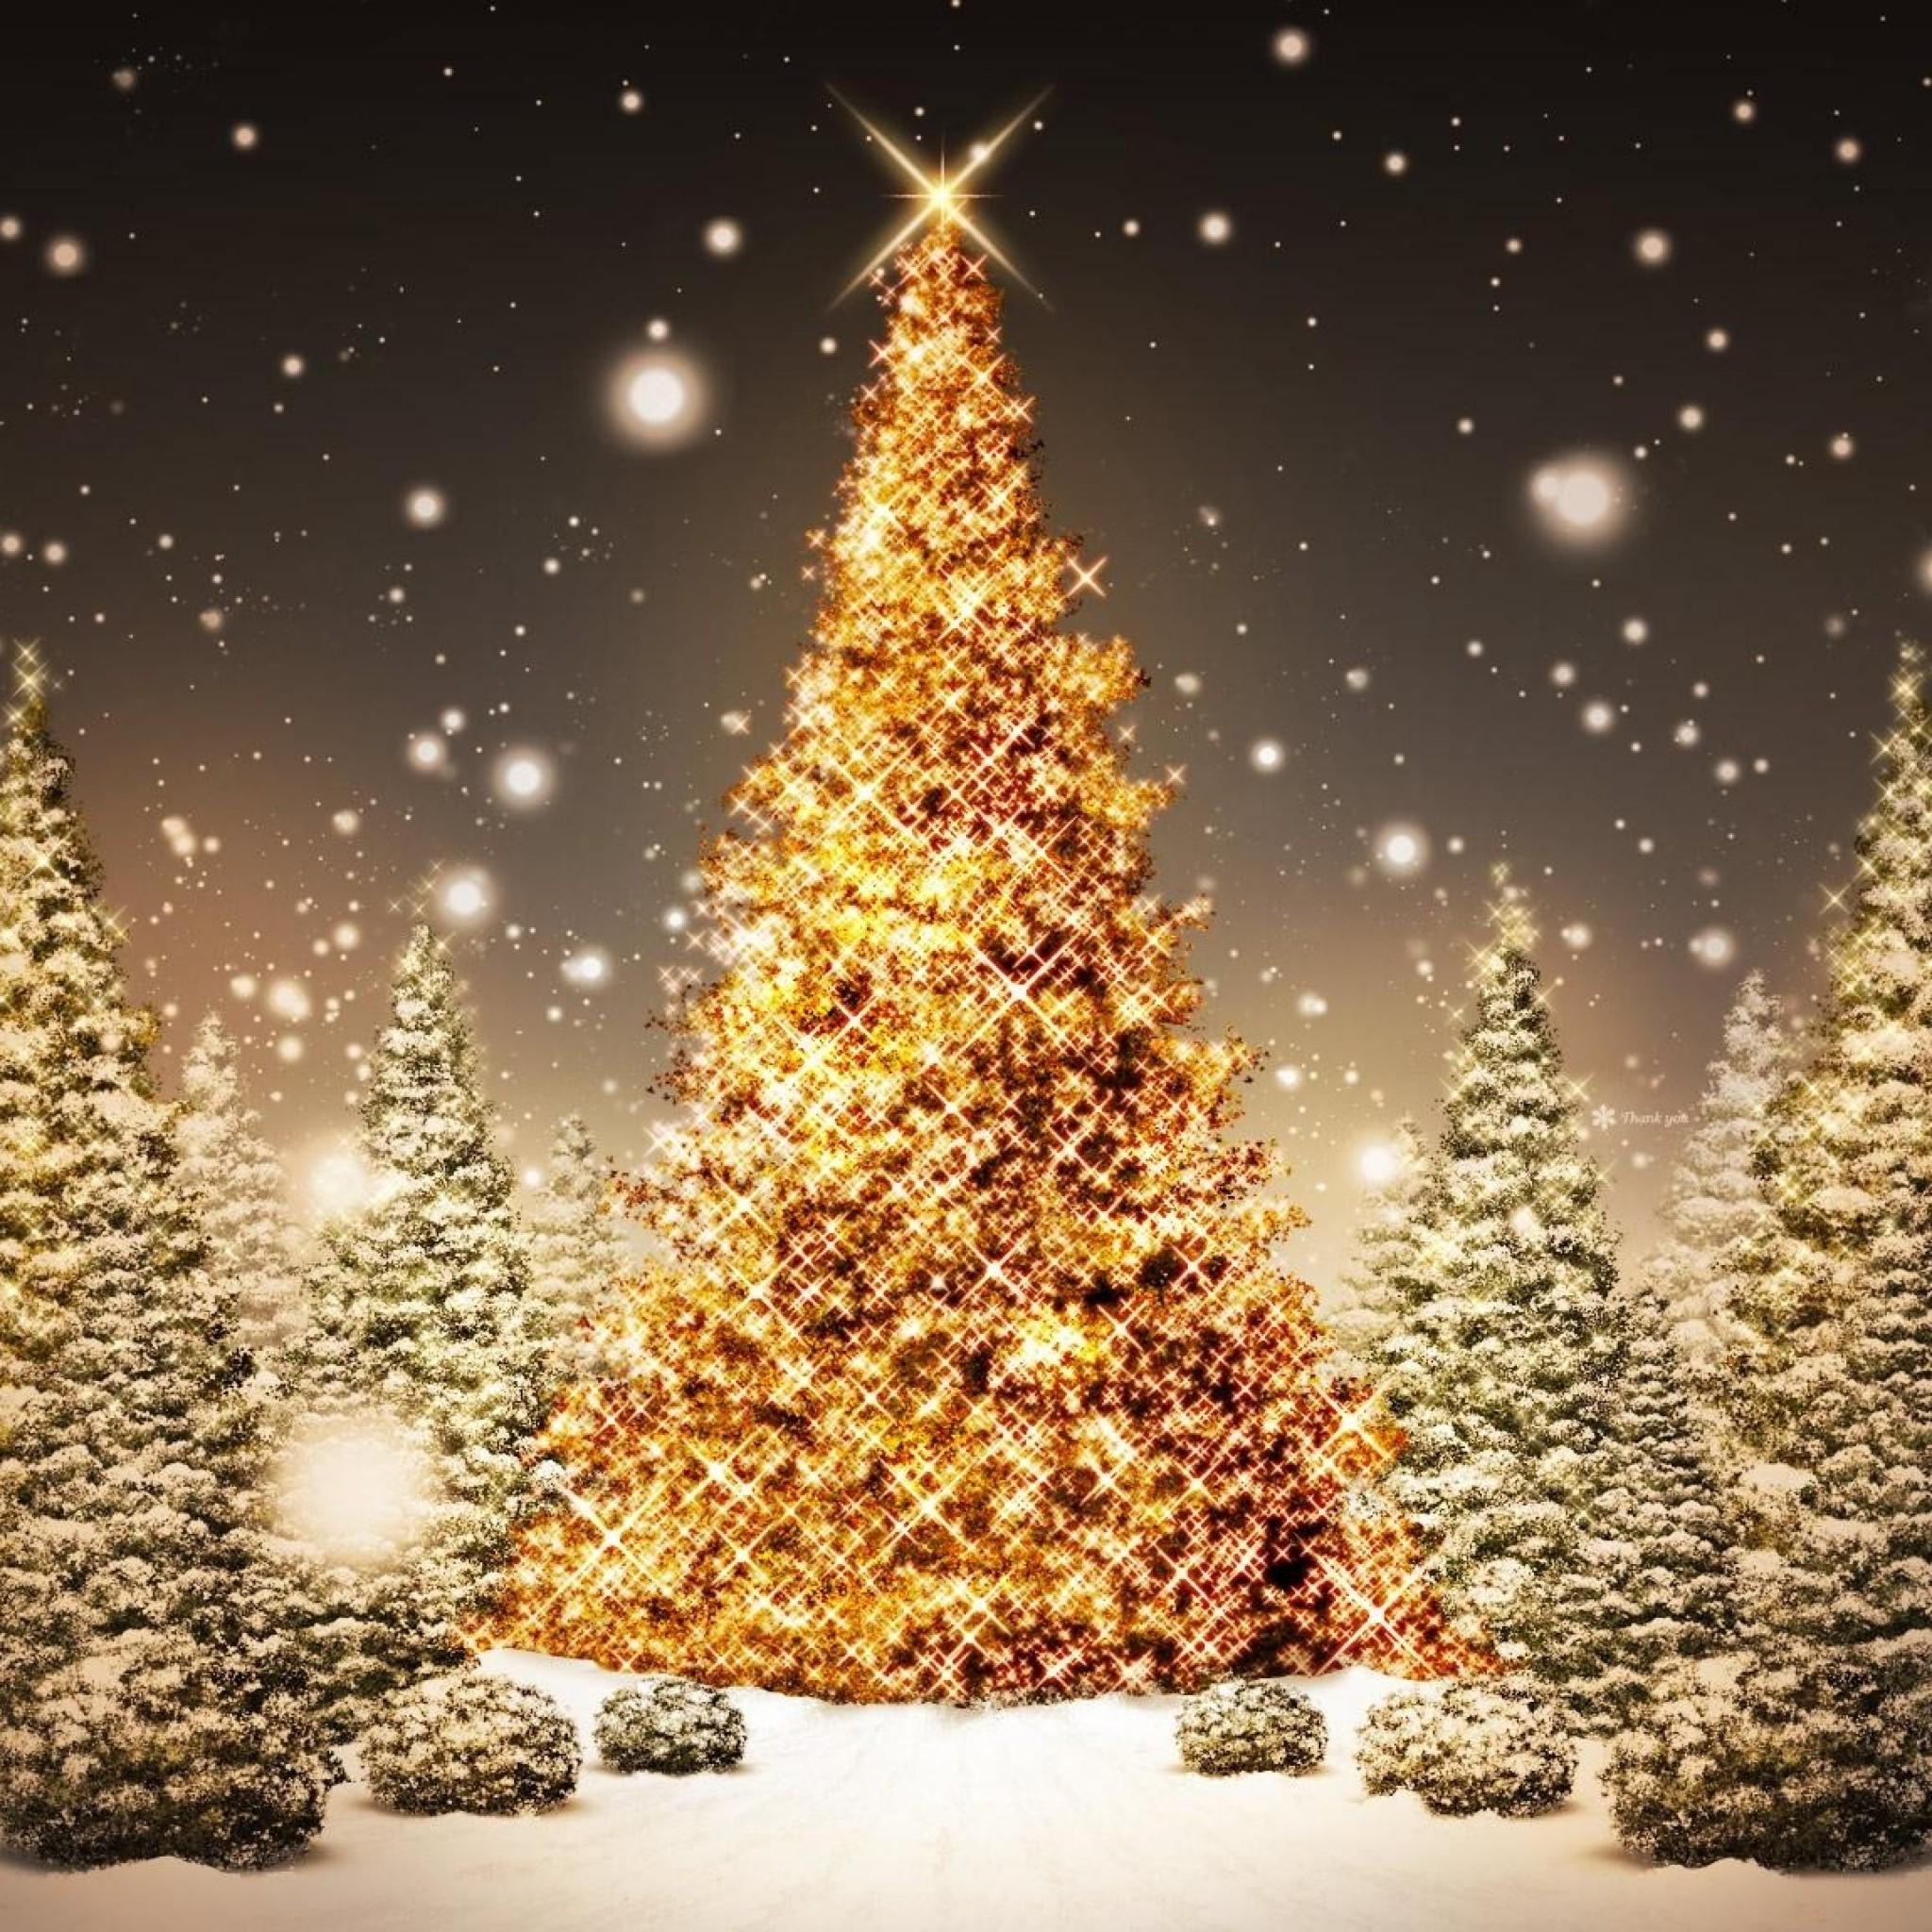 Christmas Wallpaper For Ipad (15)